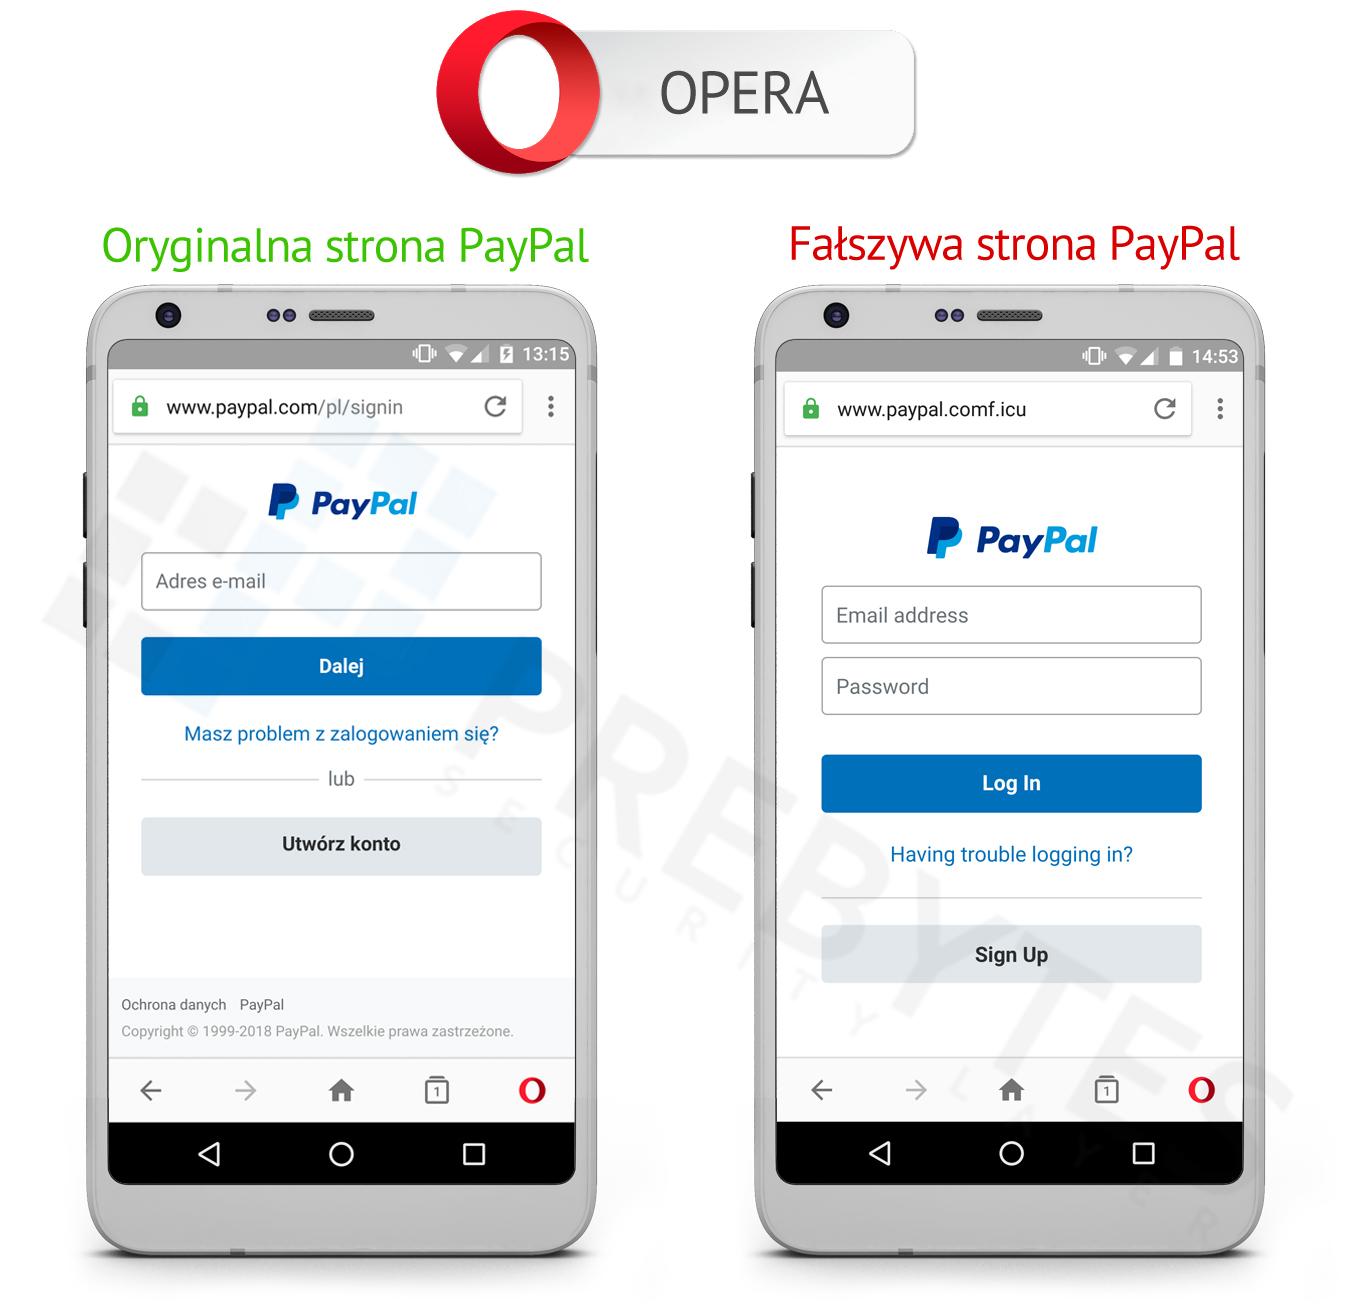 Opera_porownanie-3